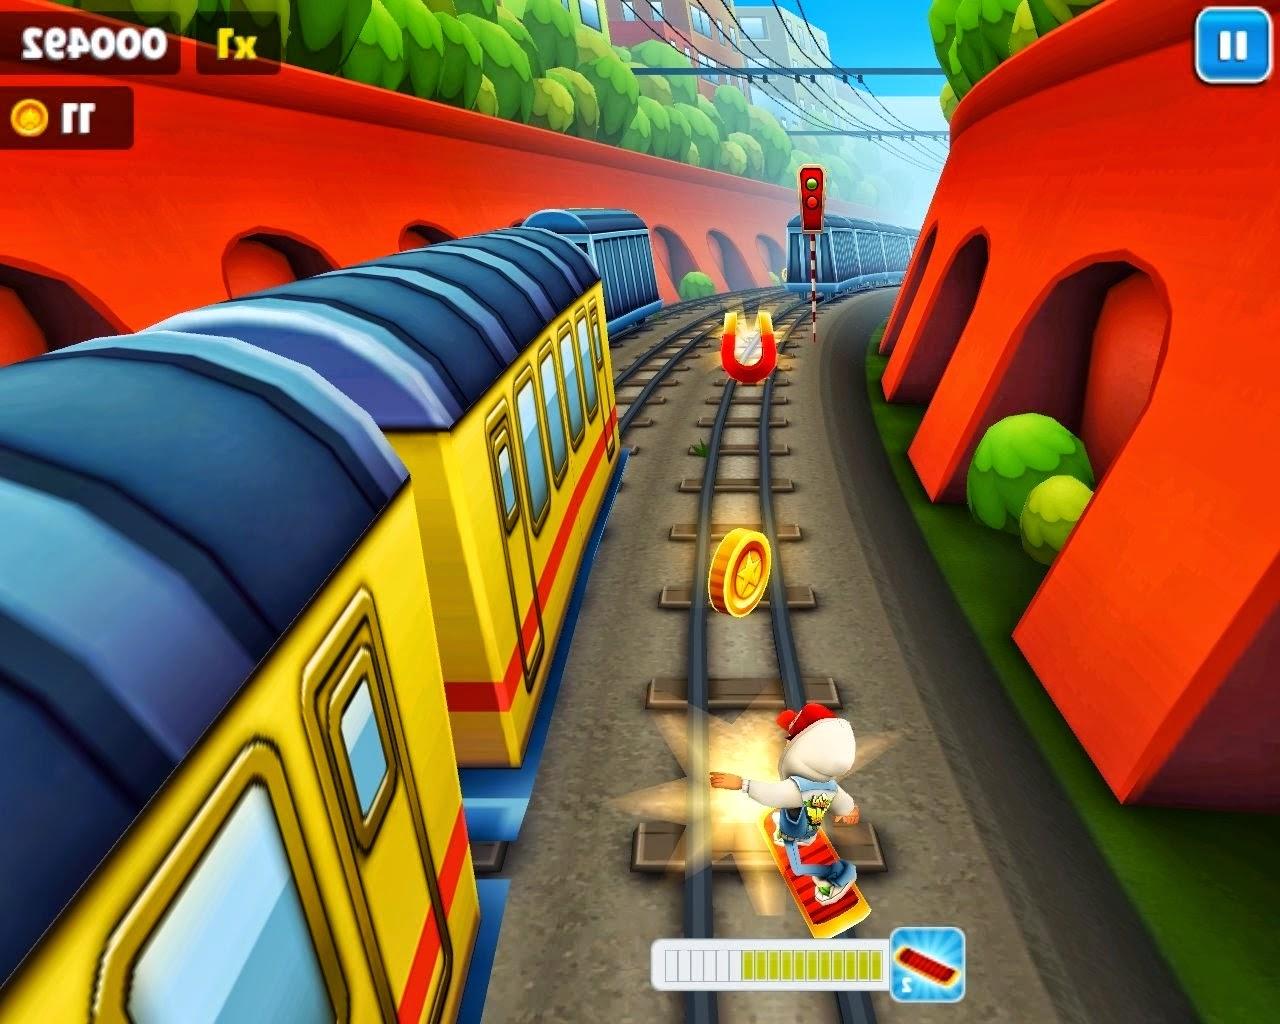 tren oyunundan bir görüntü